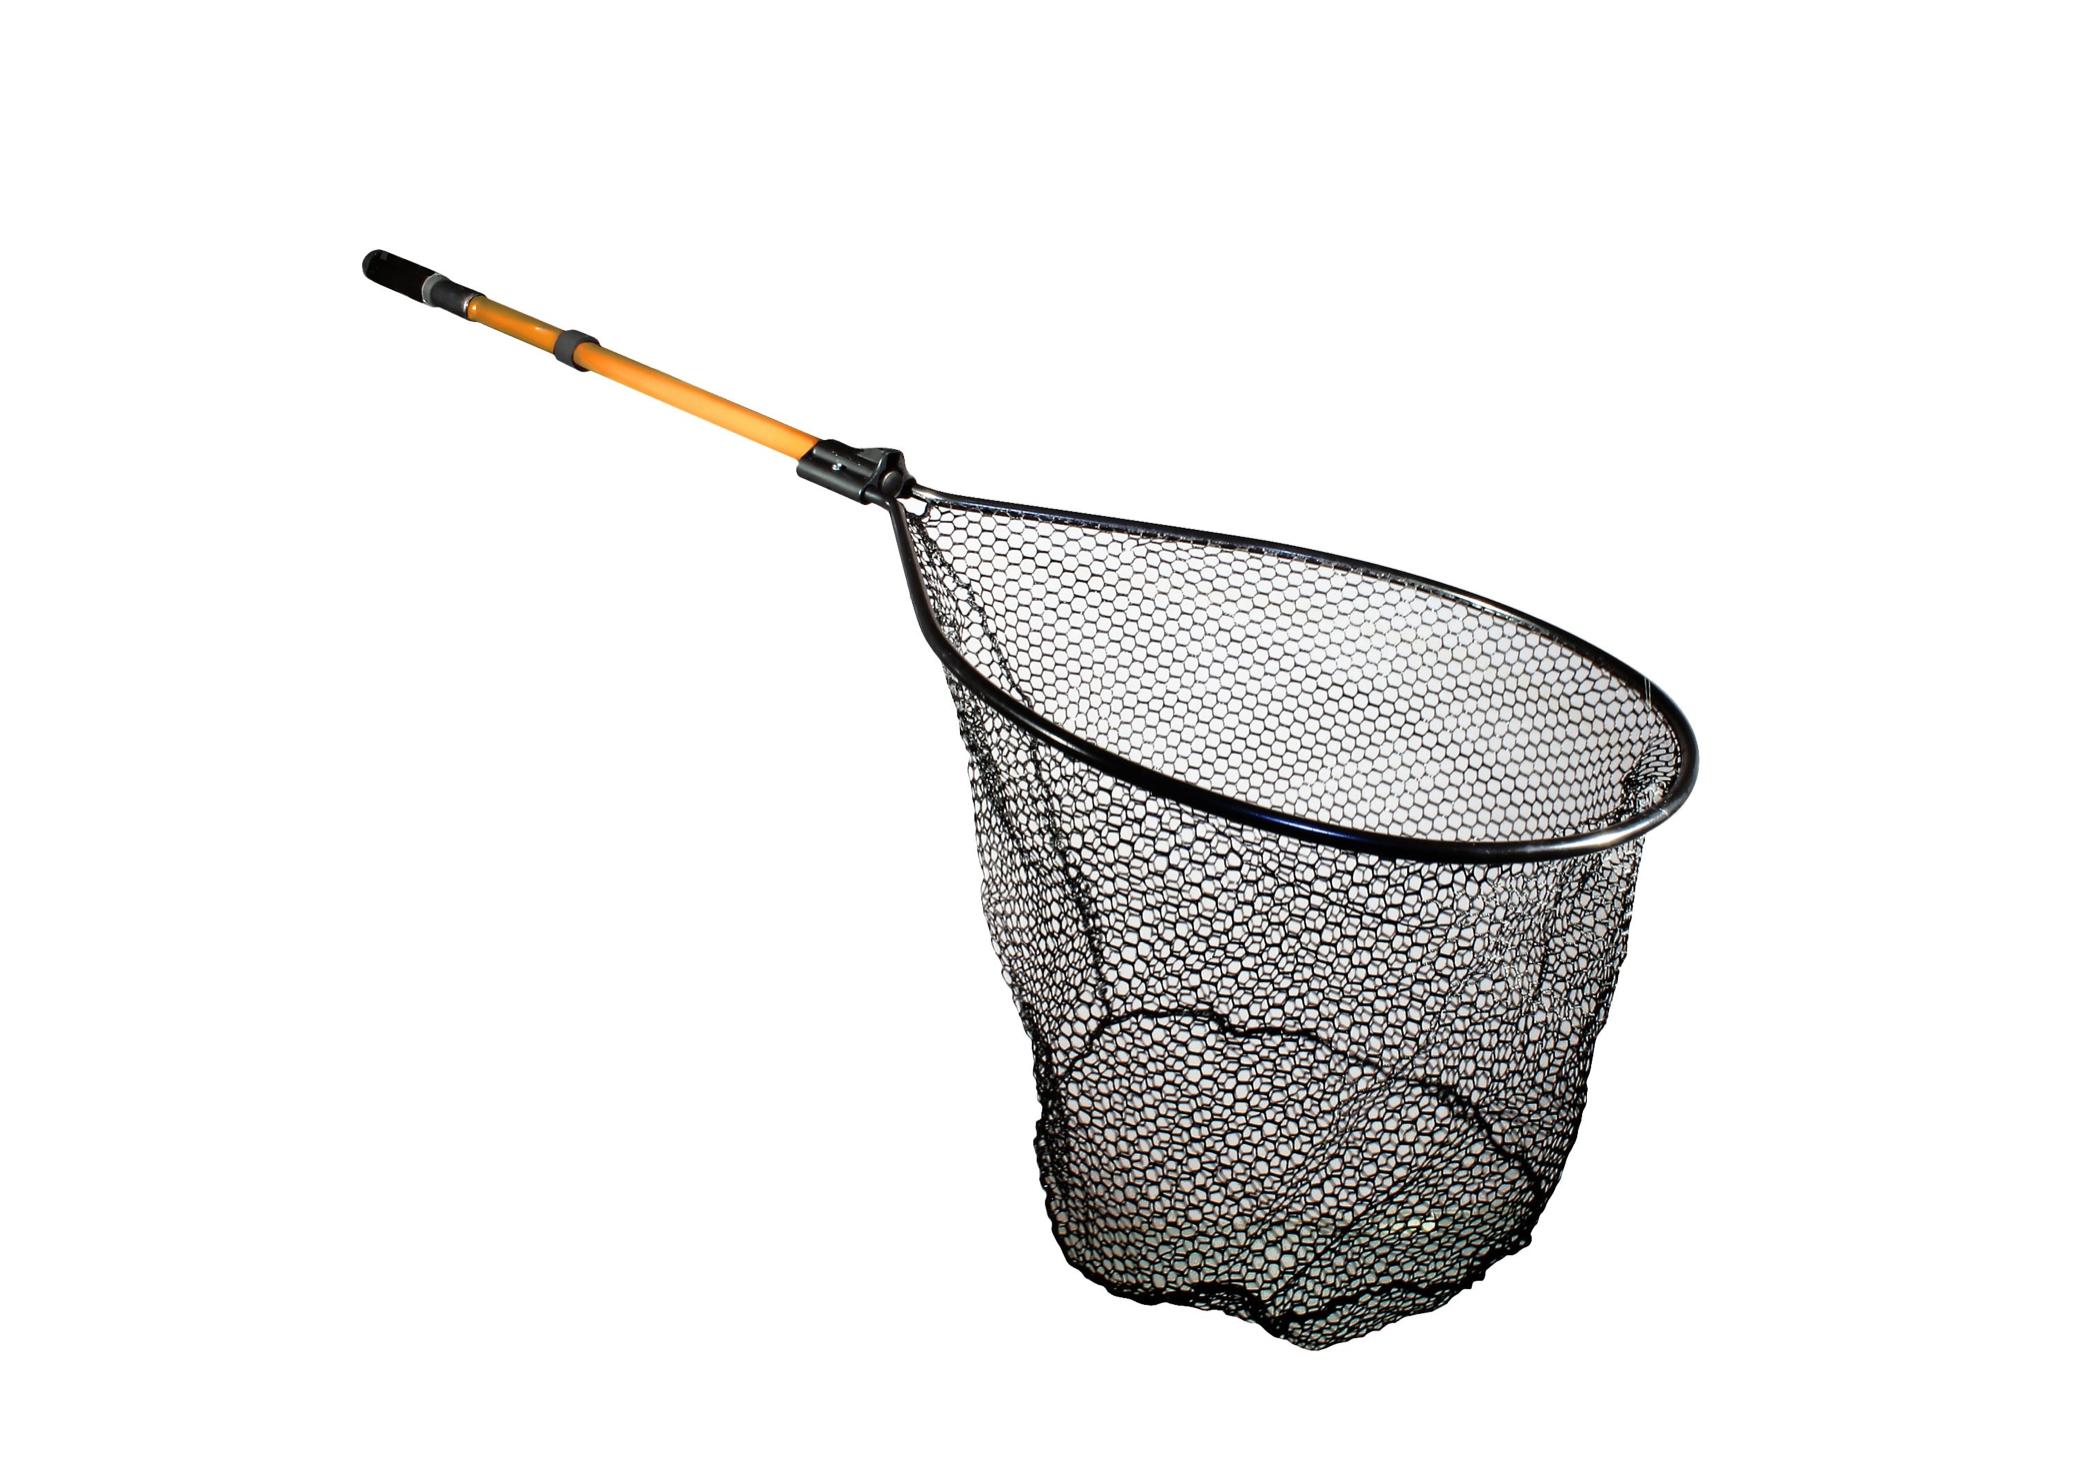 Frabill Crankbait Landing Net